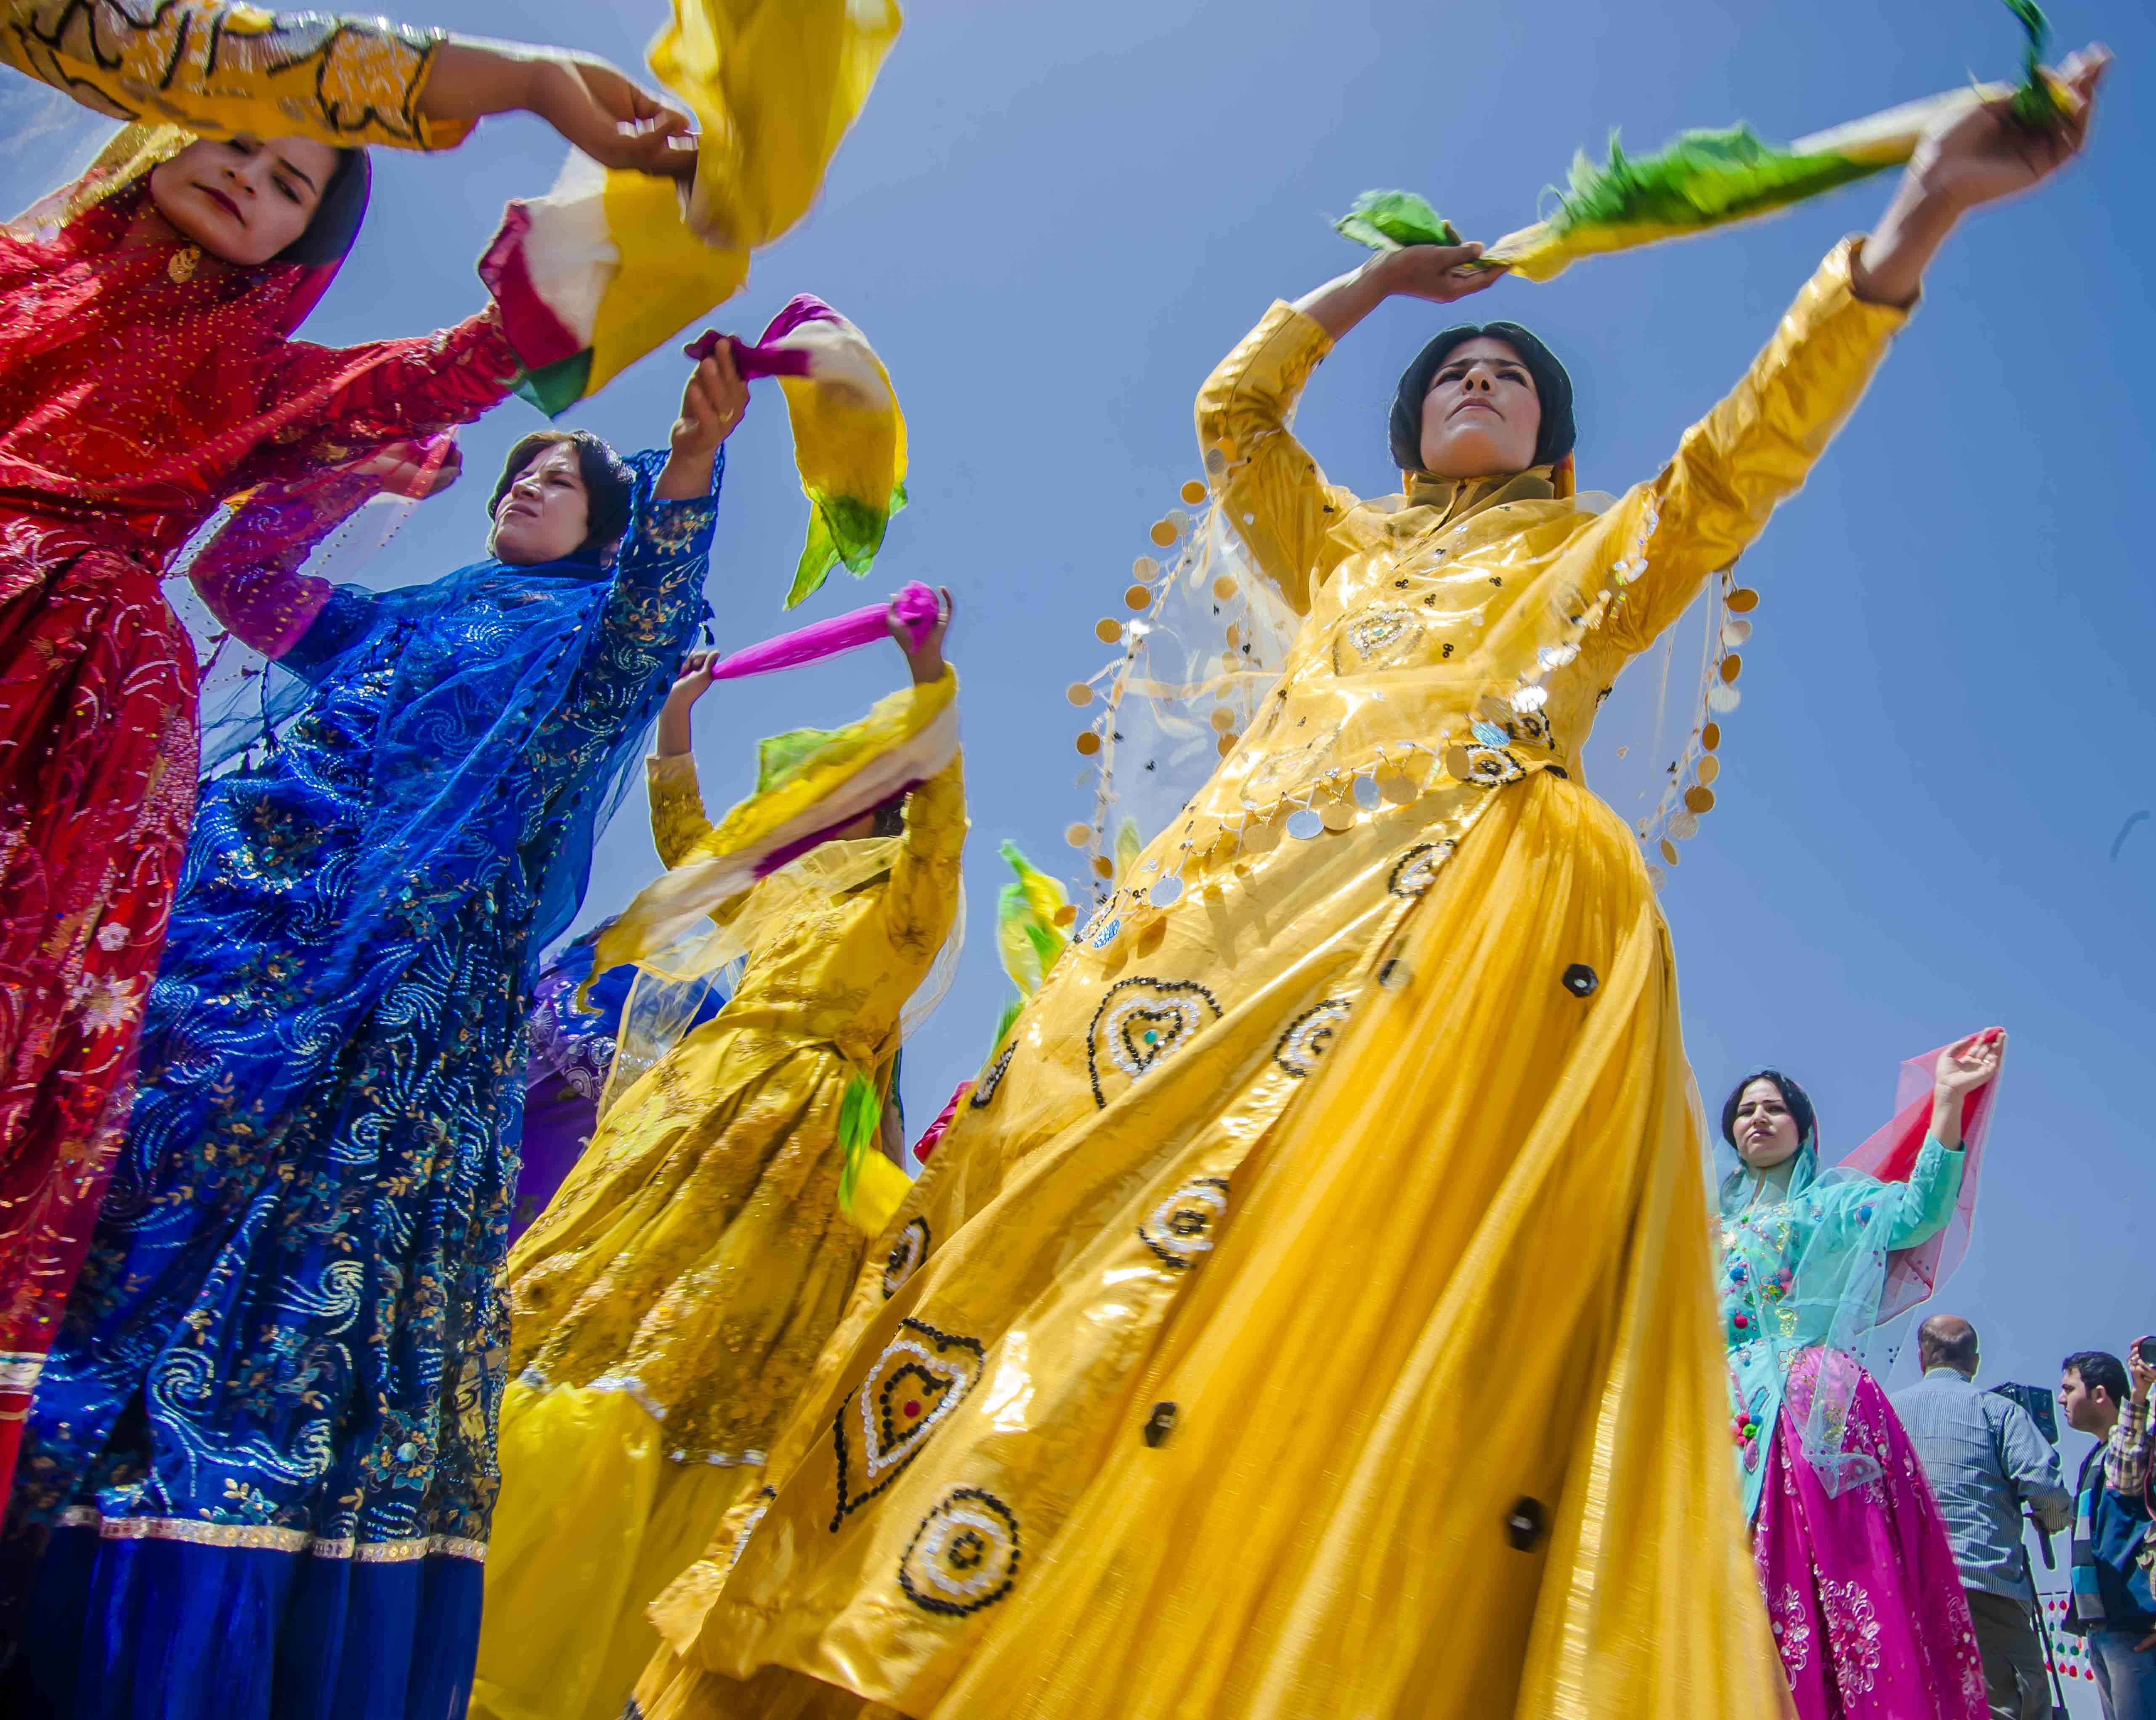 تعیین یک روز ملی به نام قومیتها یعنی ارج نهادن به فرهنگ اصیل ایرانی